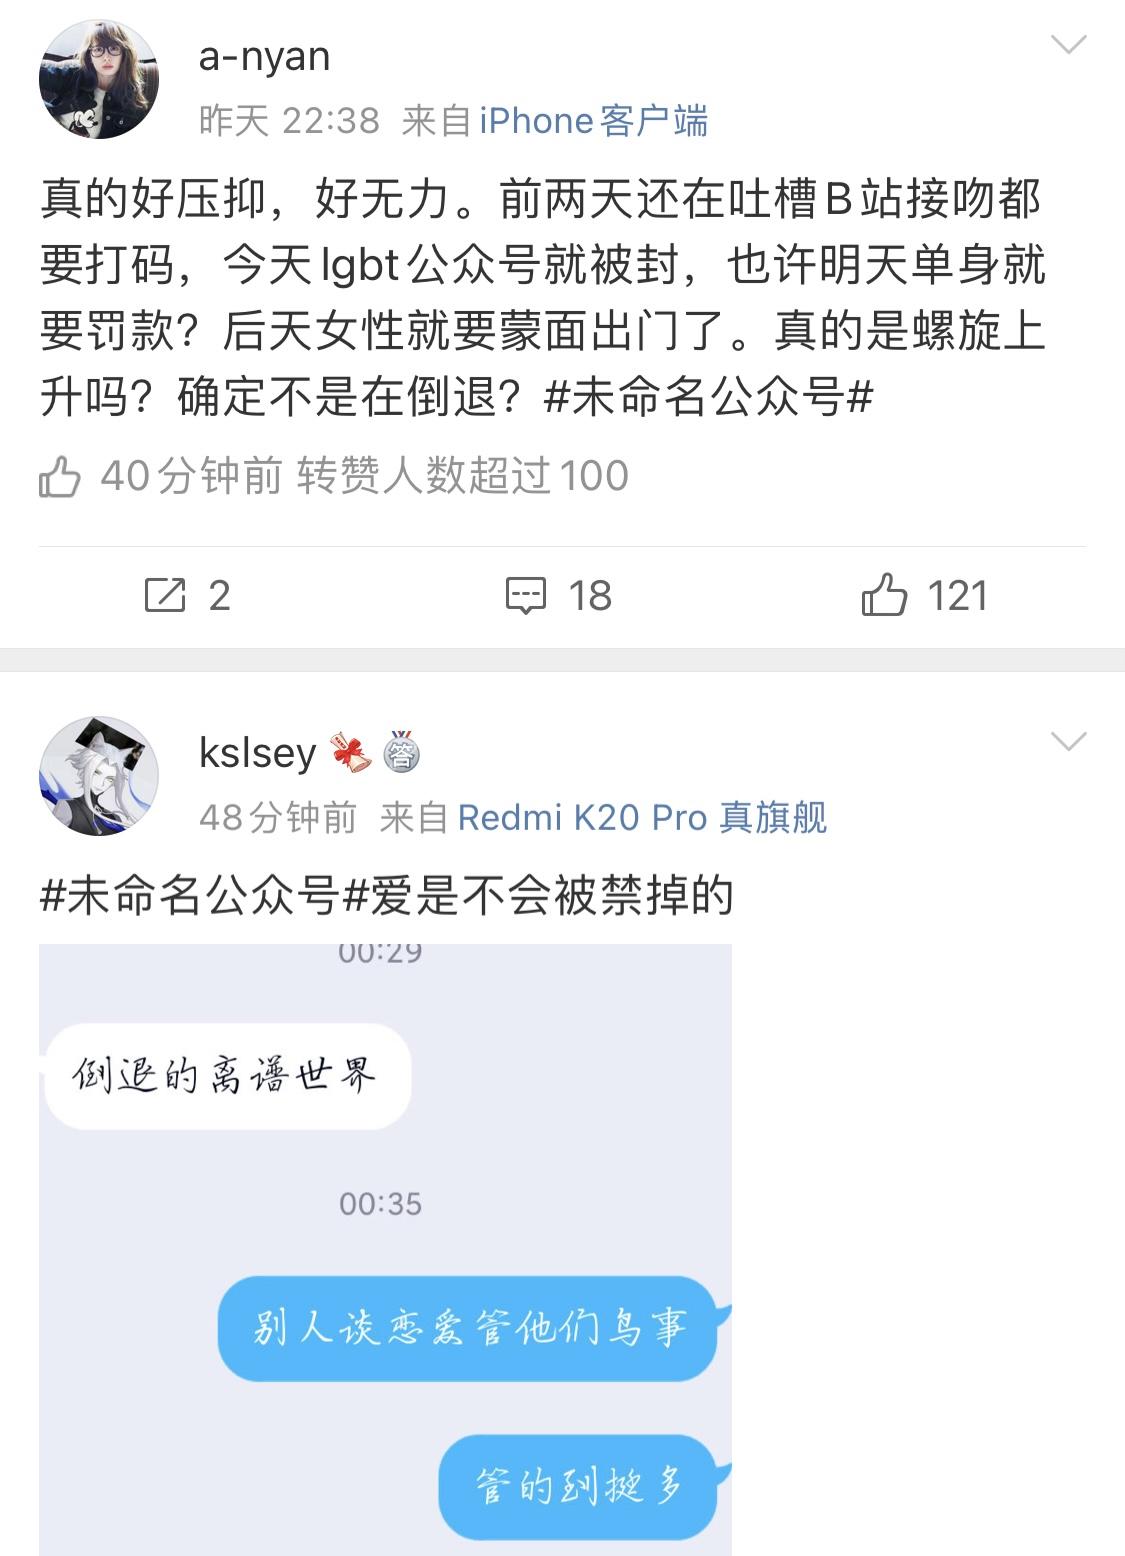 """一些微博网友标记了话题""""未命名公众号"""",对此次集体封禁事件表达抗议。(微博截图)"""